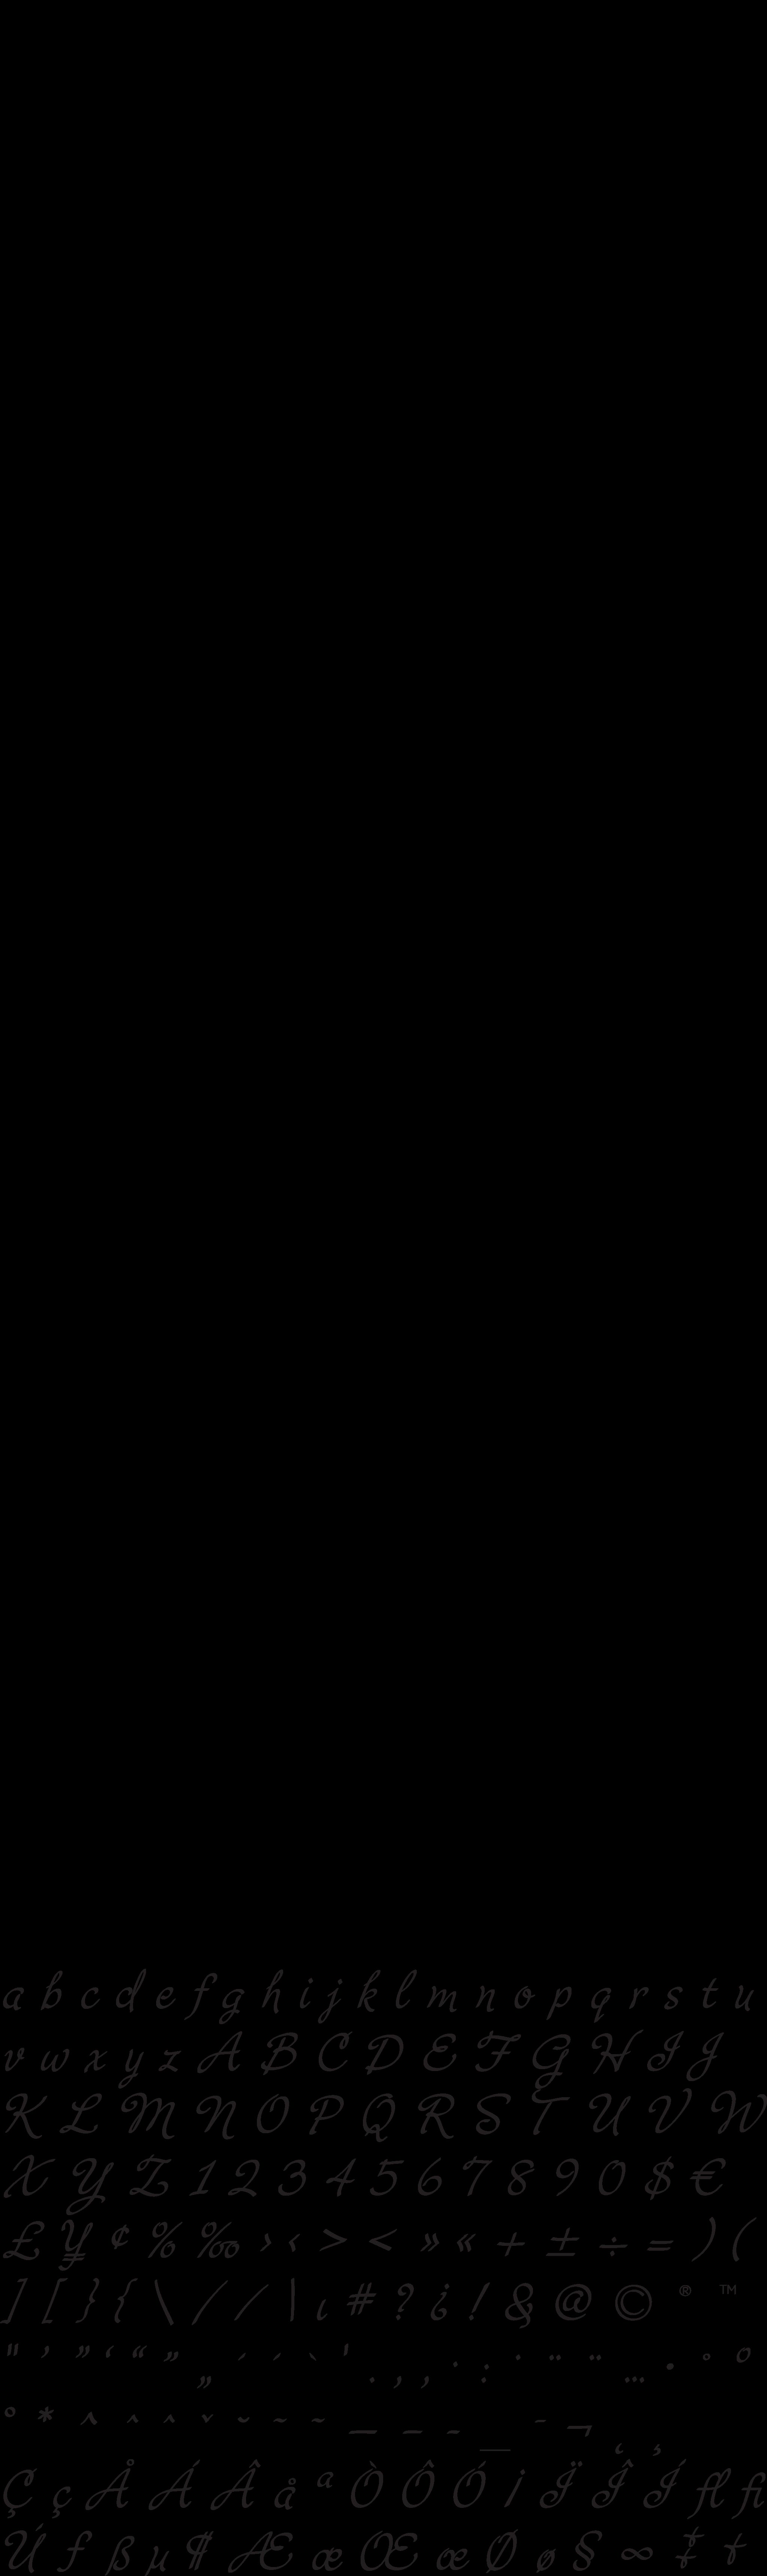 Cruz-script-billboard